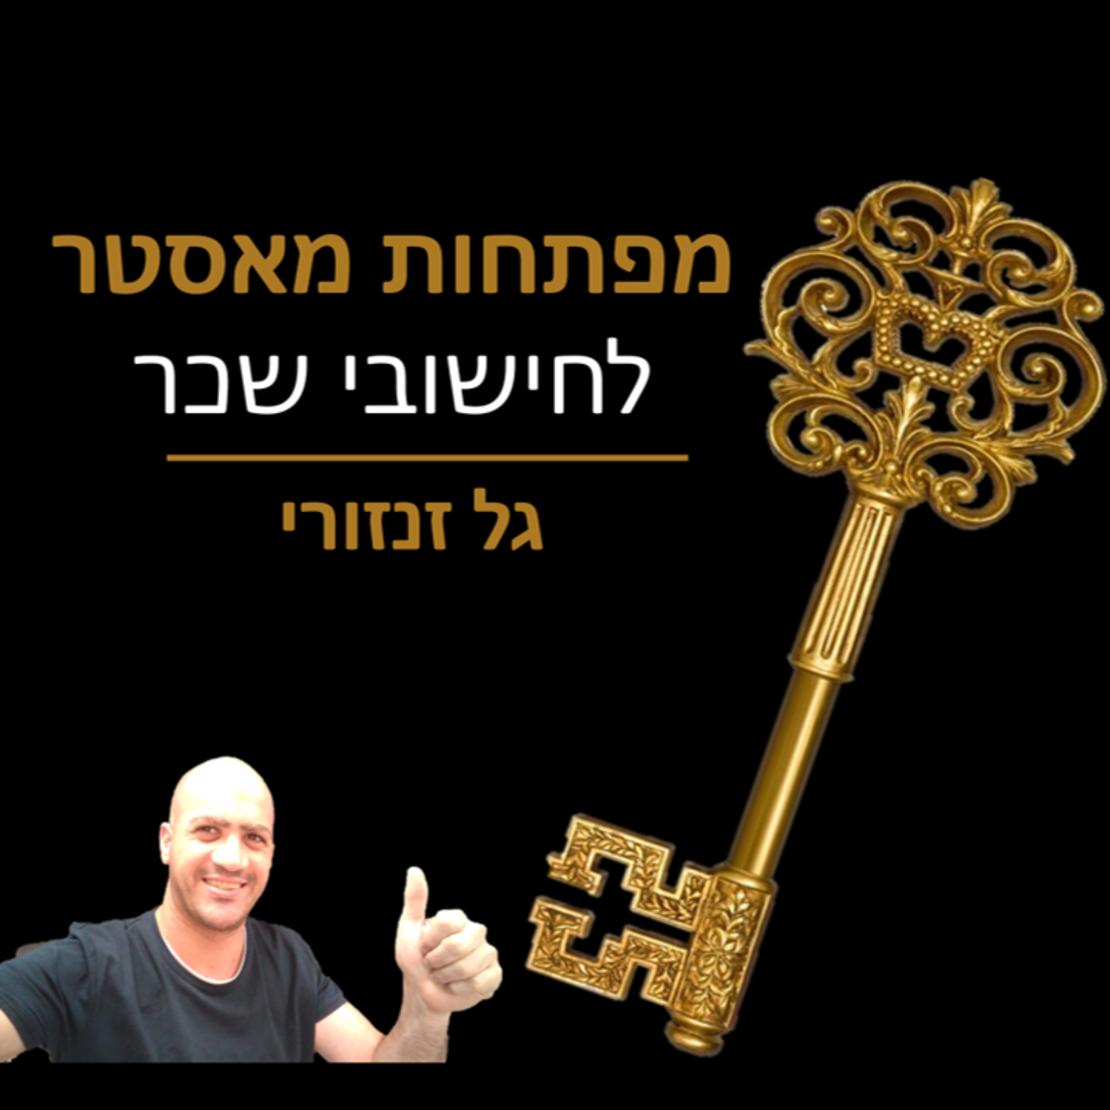 סדנת Master Keys לחשבי שכר - קישור סודי